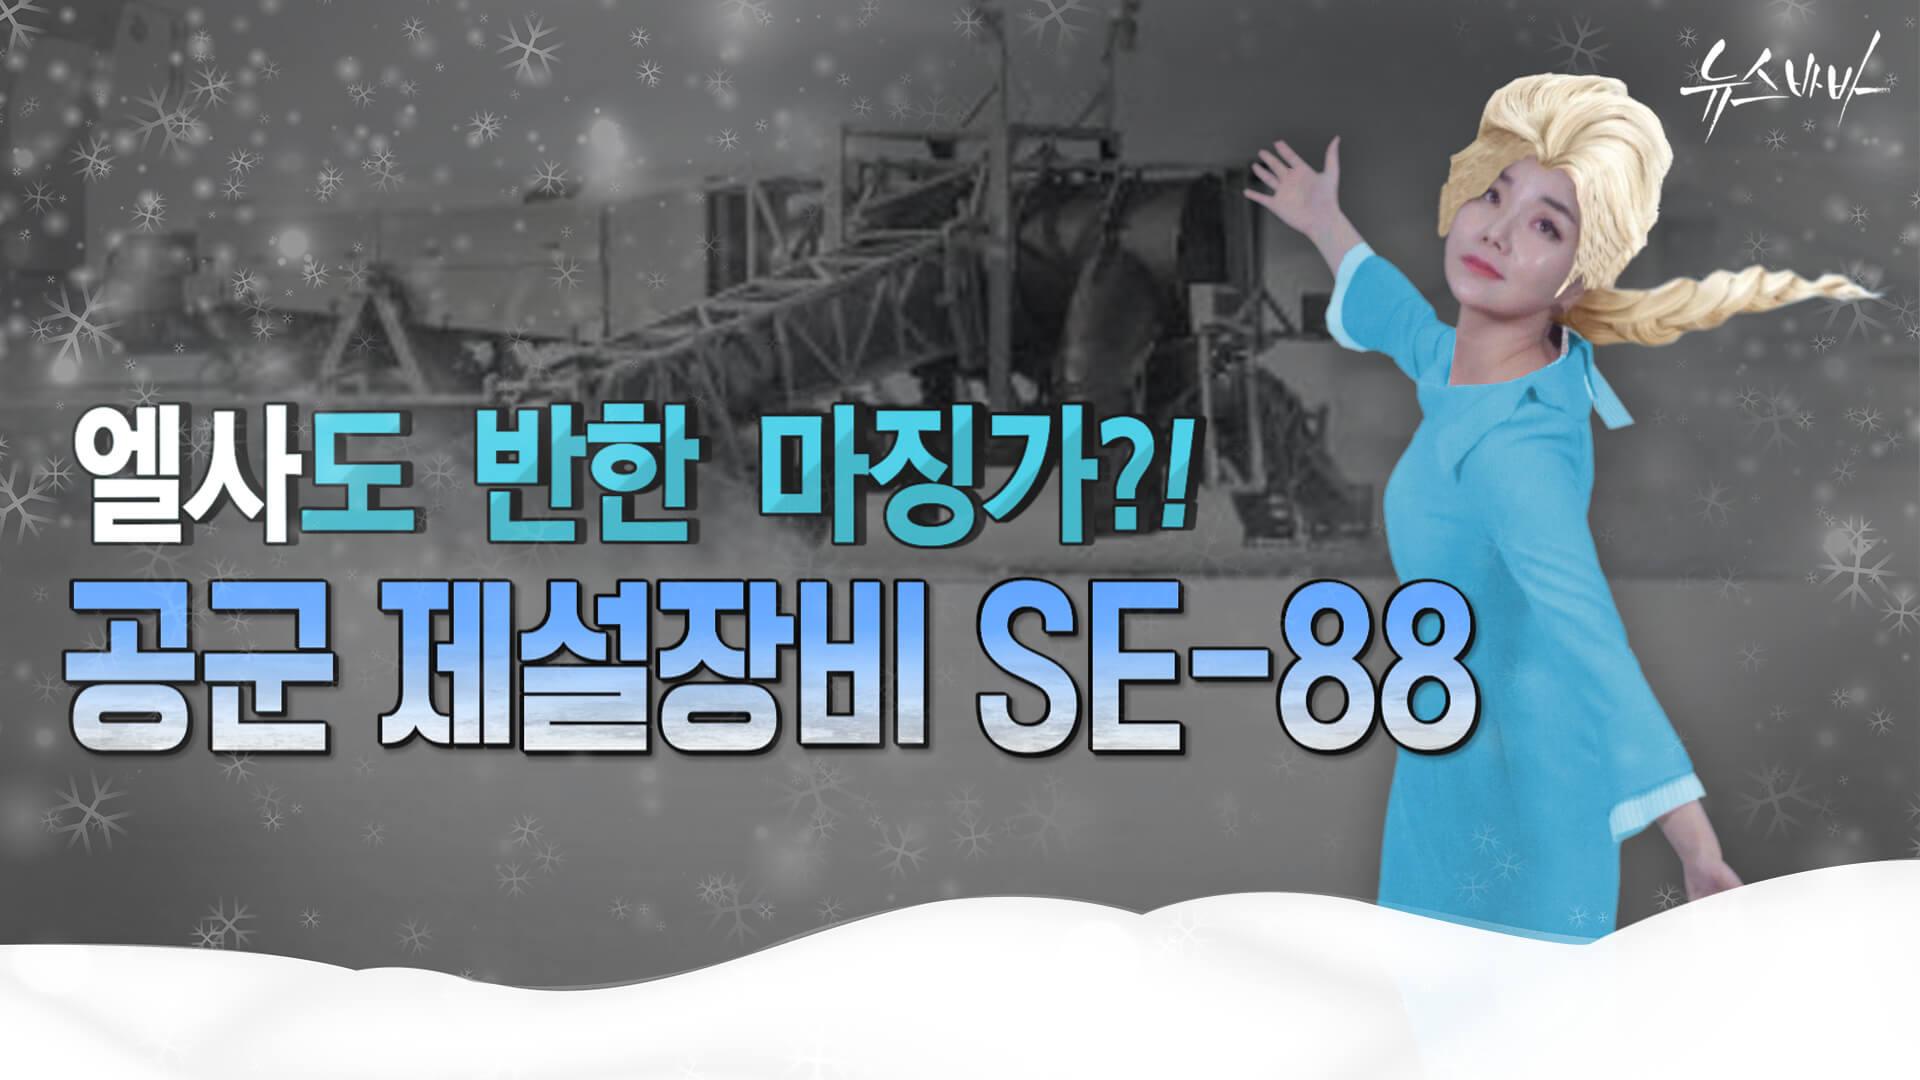 [뉴스바바] 엘사도 반할까? 일명